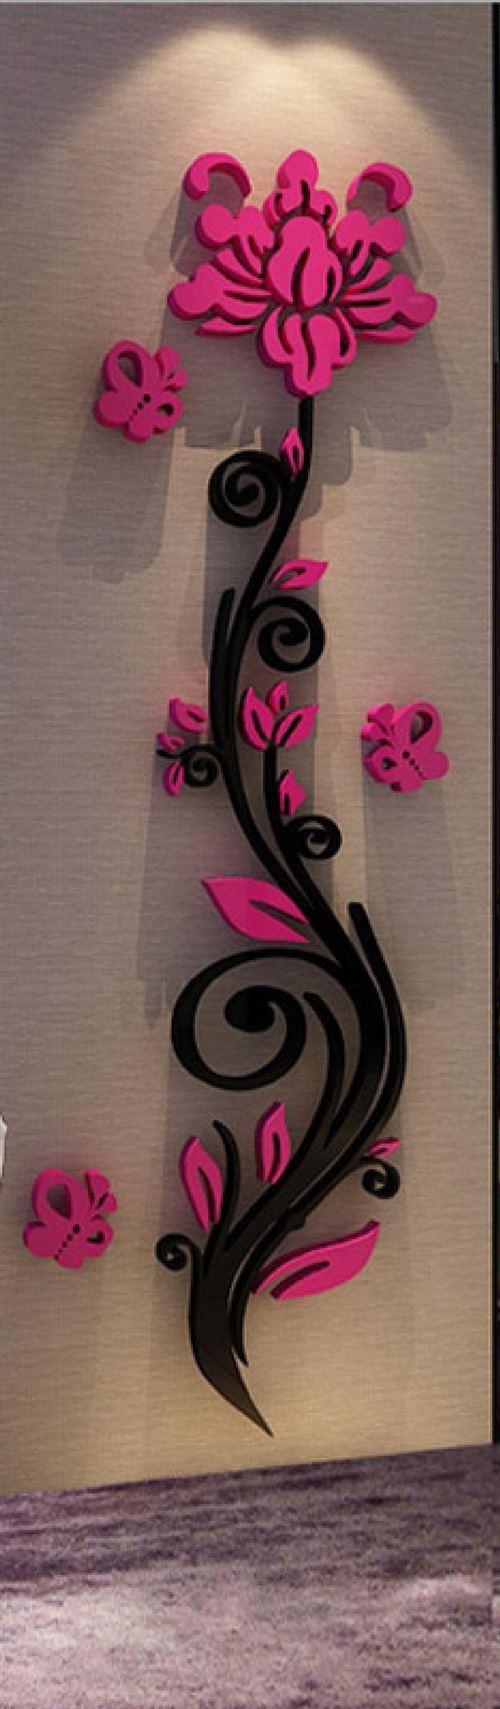 Rose design noire - fuchsia 3D miroir acrylique adhésif (38 x 100 cm)